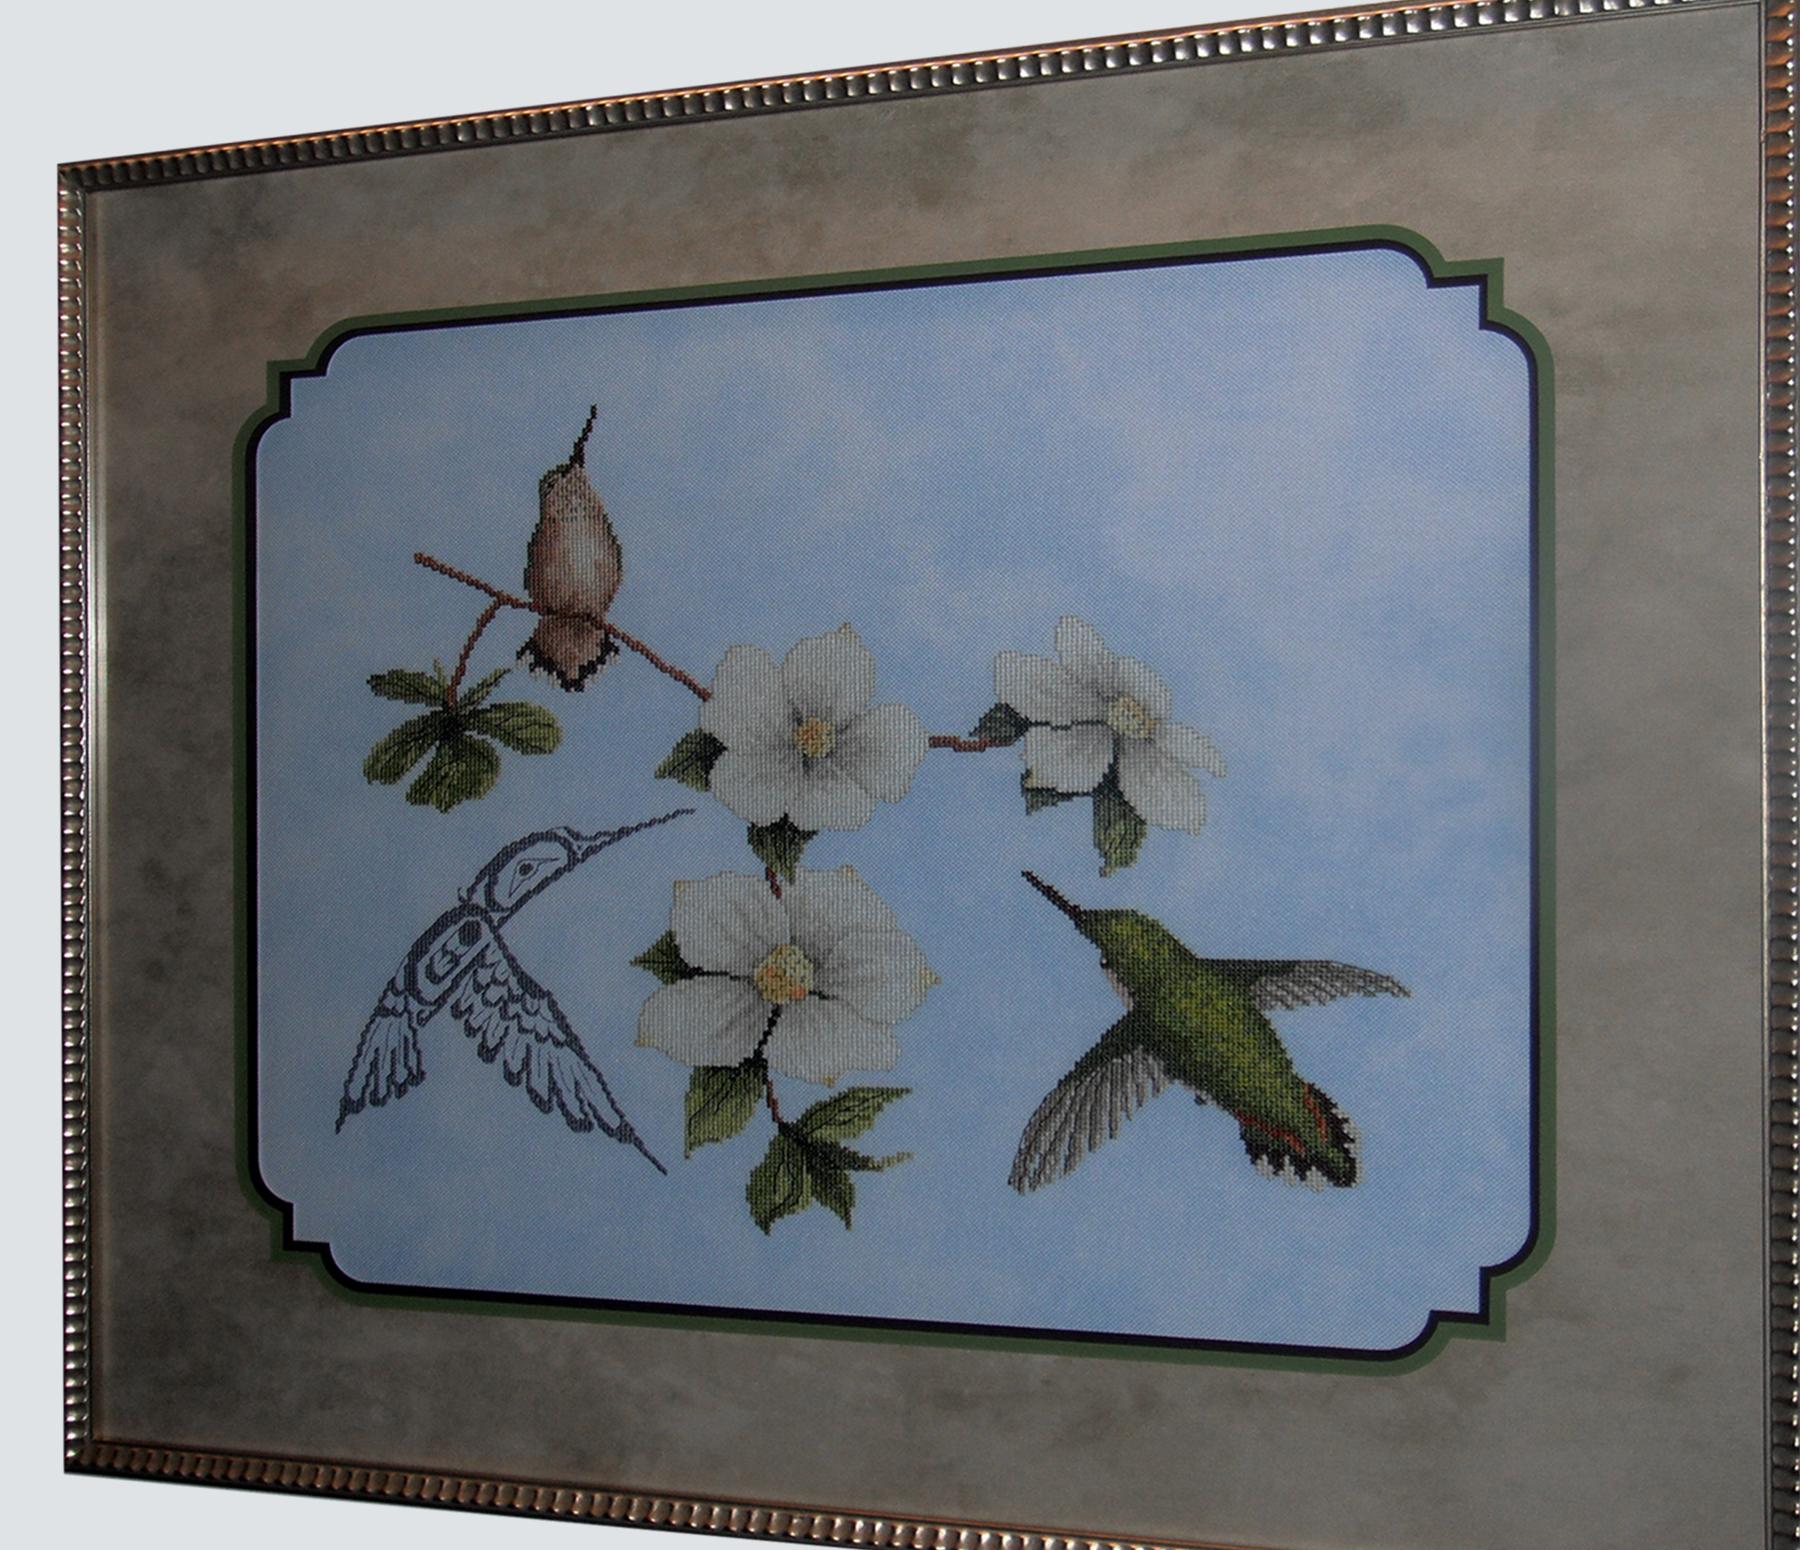 humming-bird-framed-needlepoint.jpg